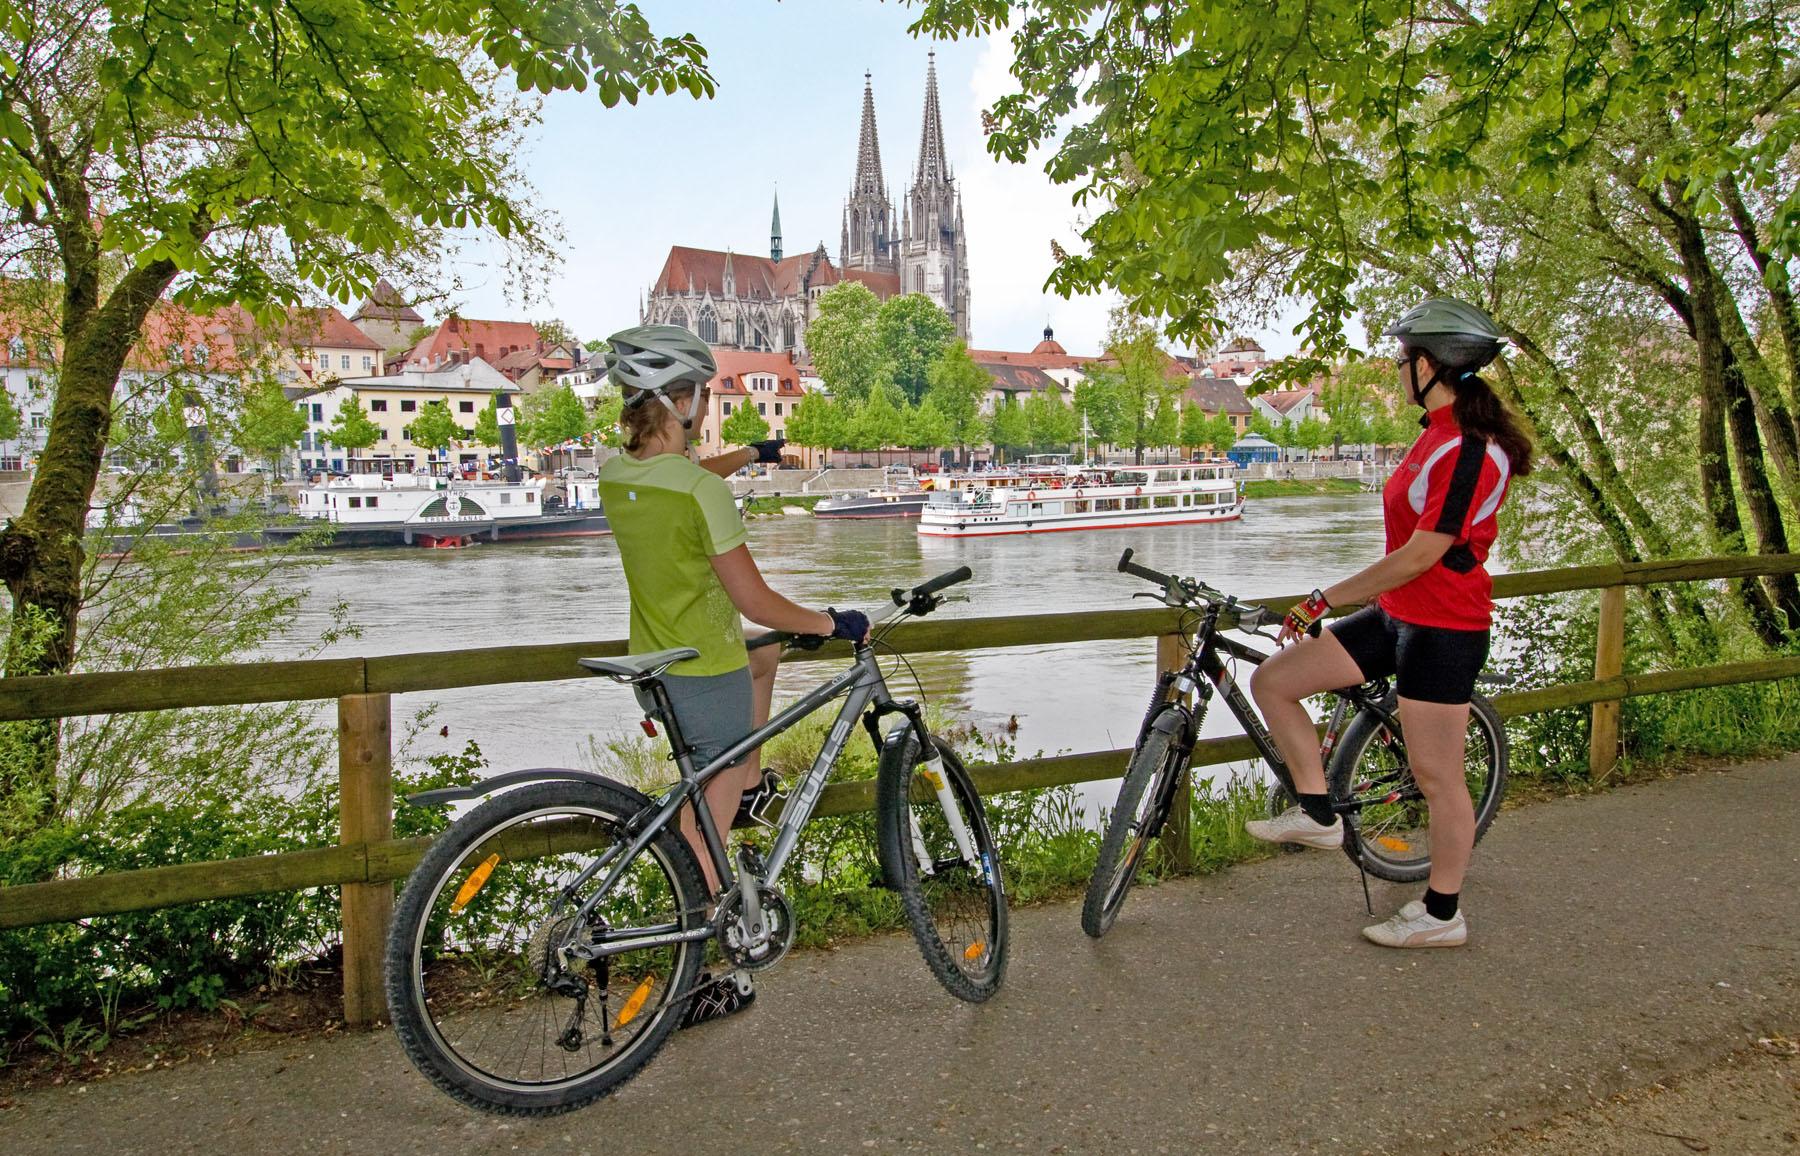 Radfahrer an der Donau in Regensburg